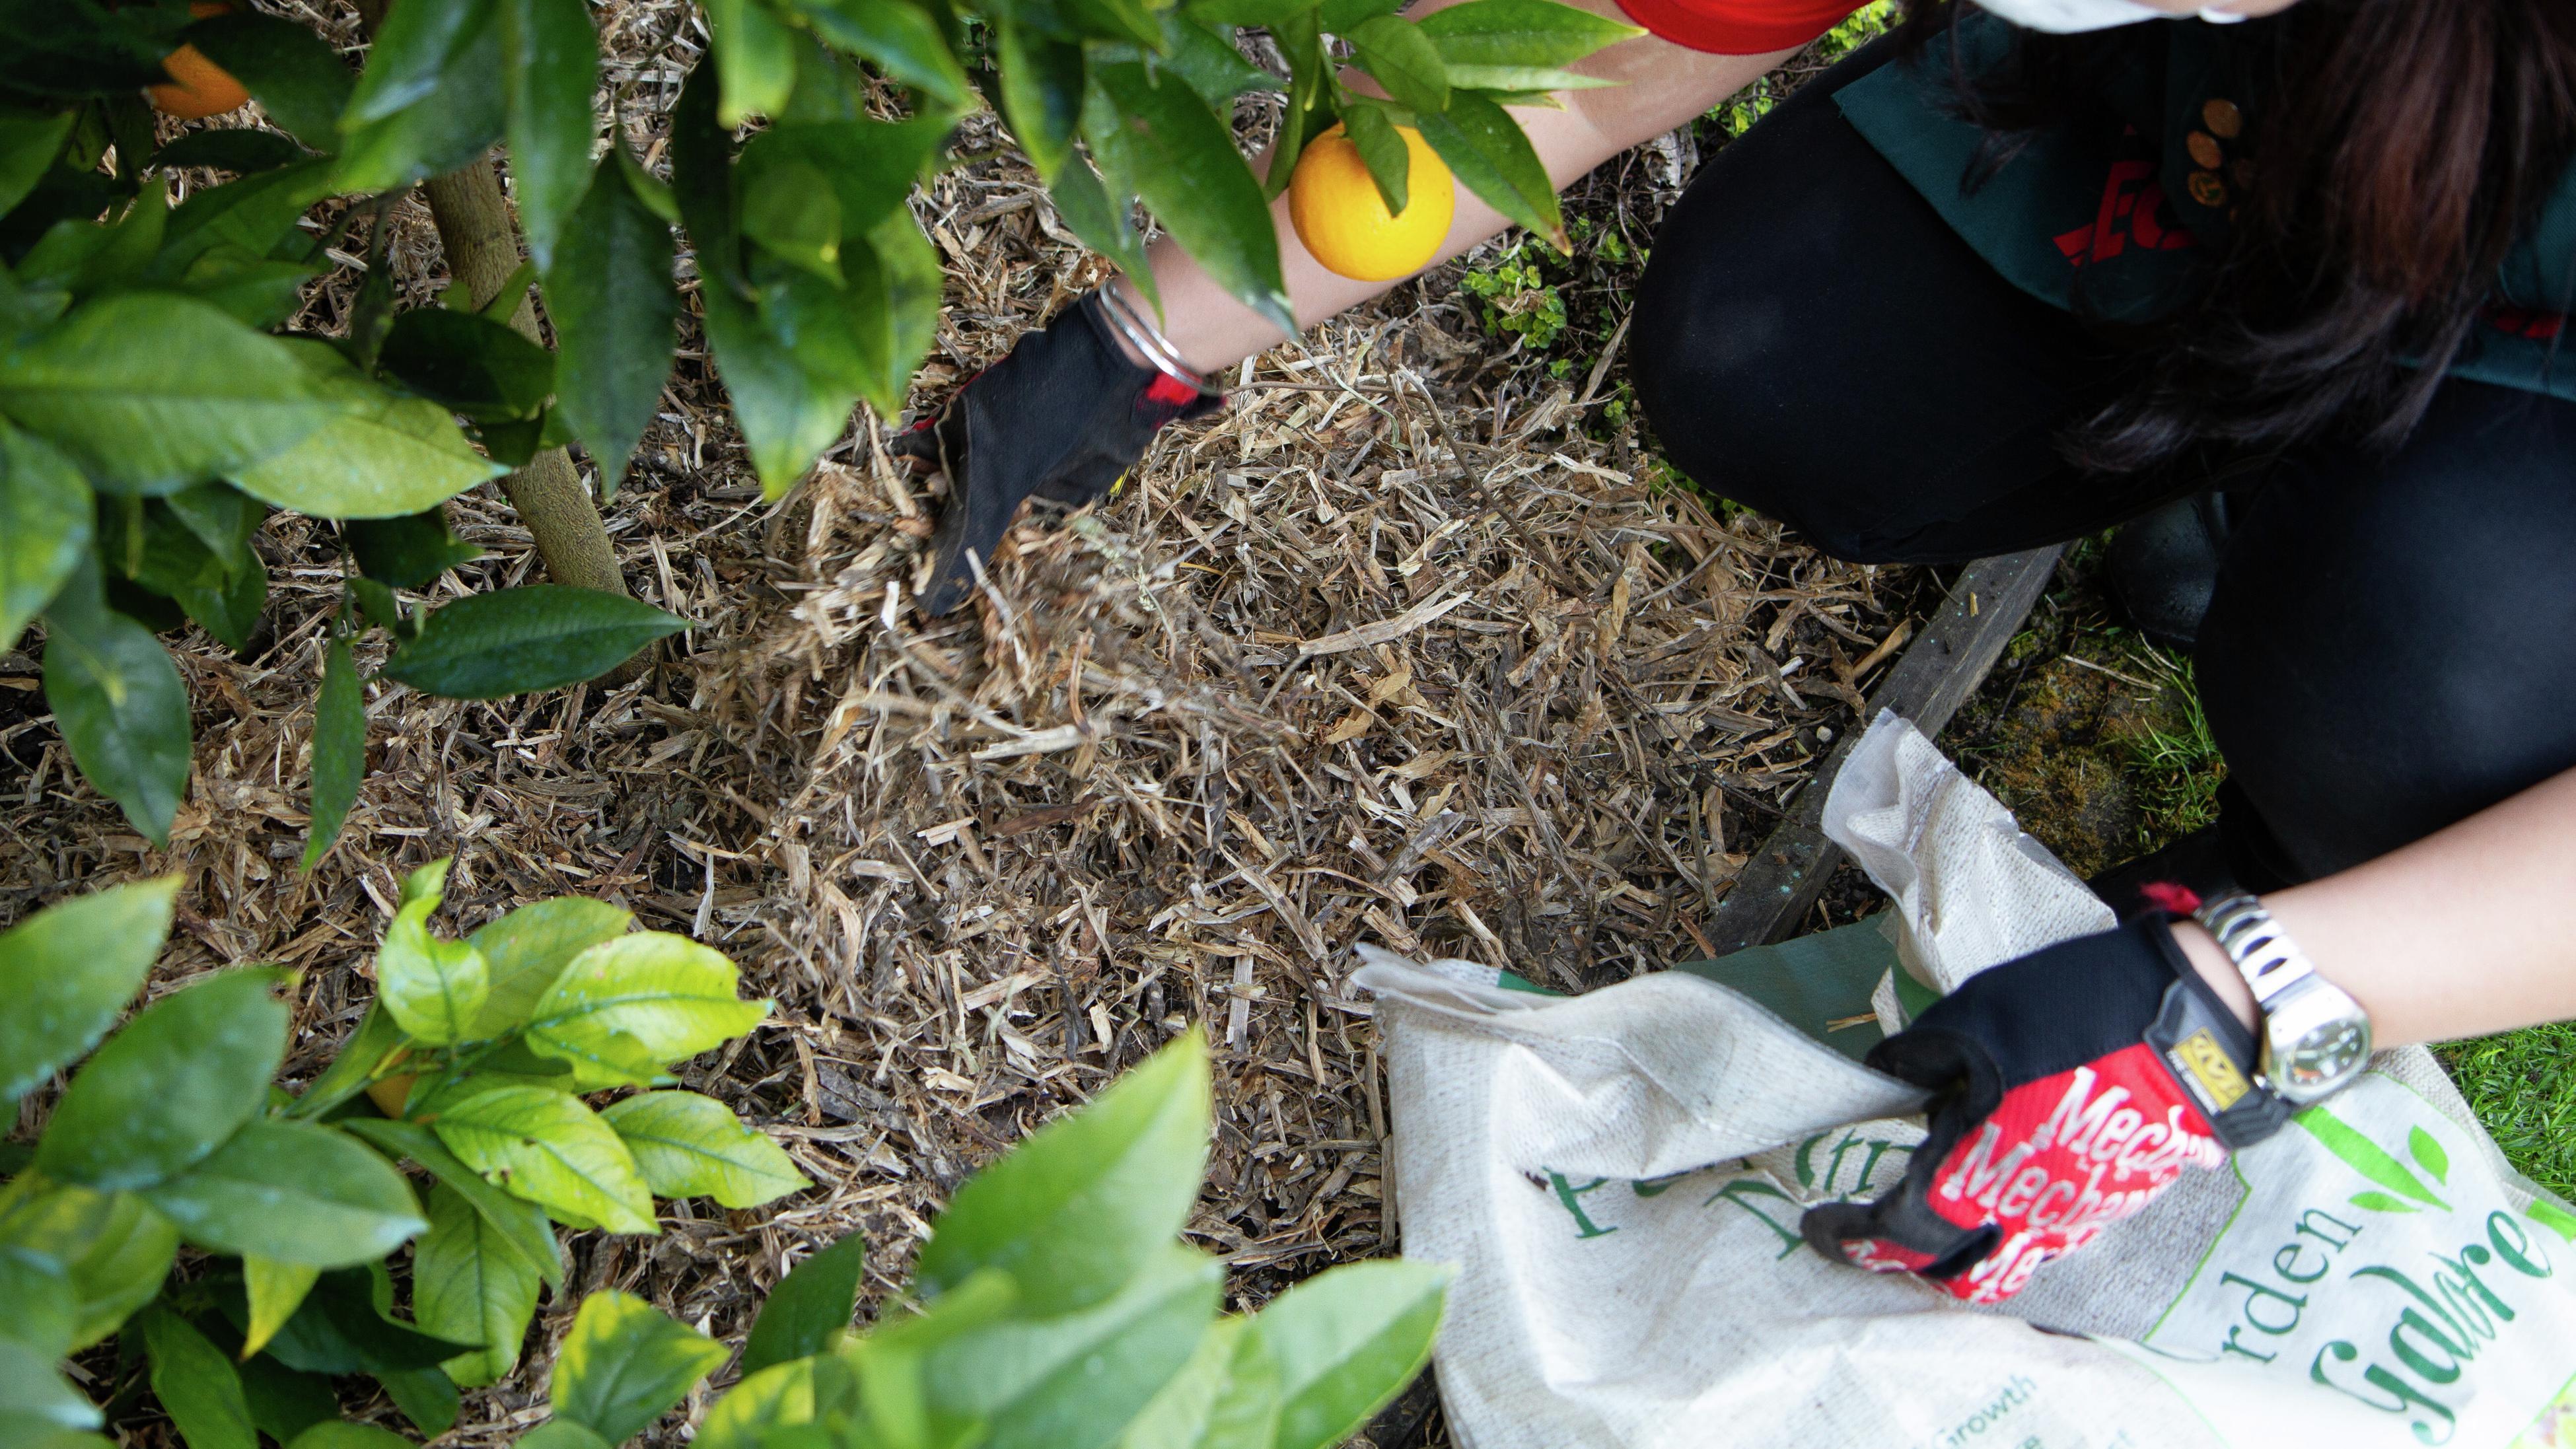 A person spreading mulch.